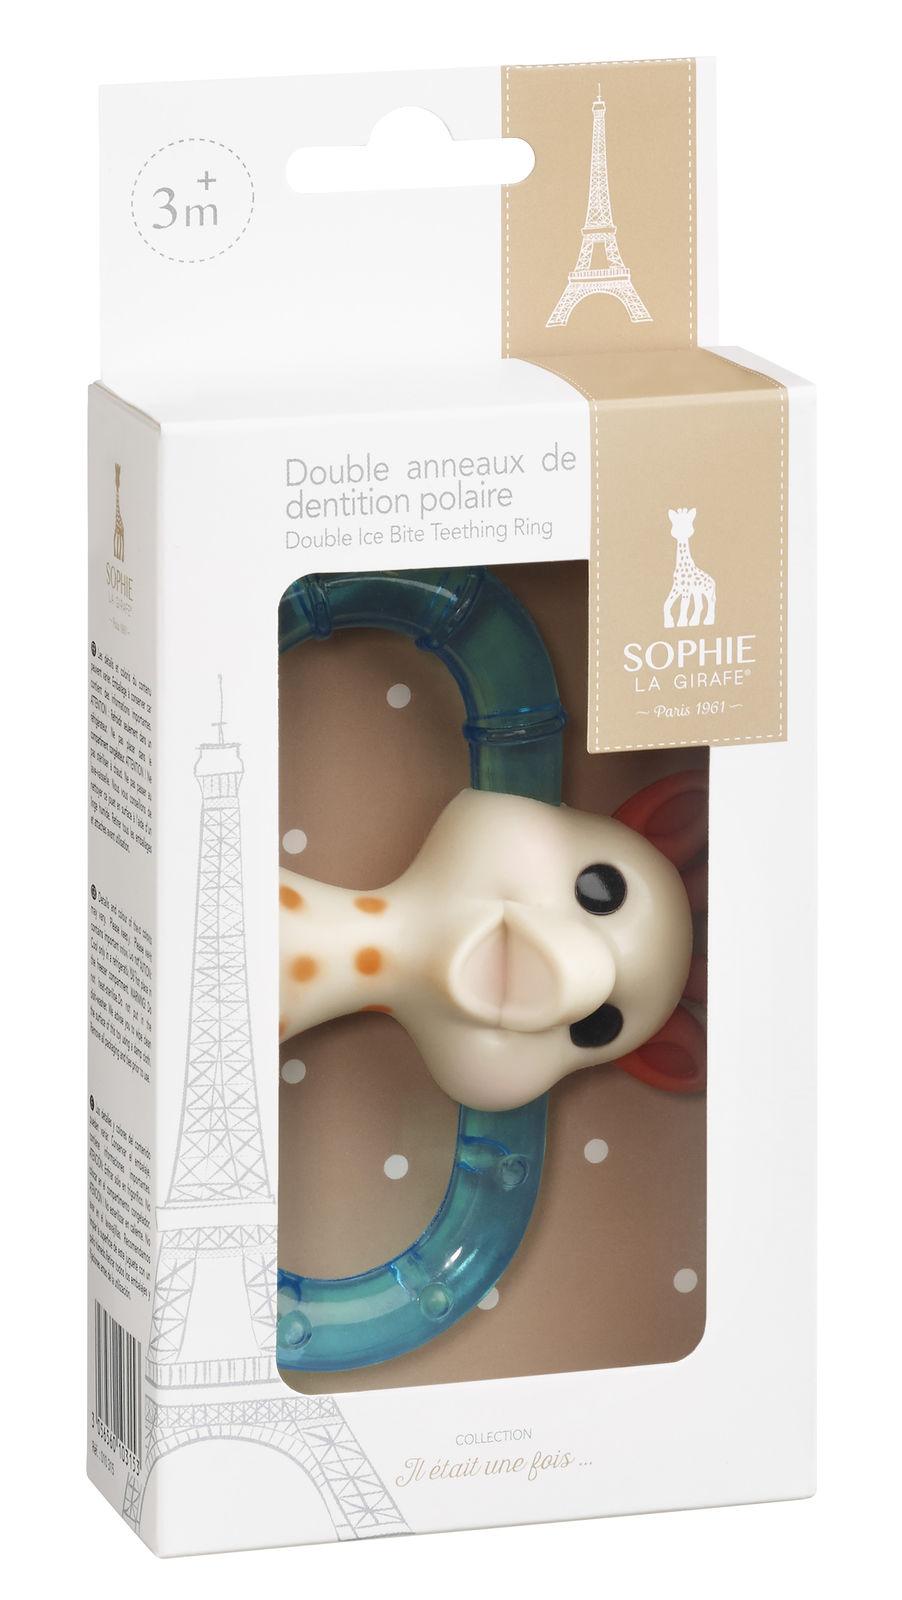 Двойное кольцо для прорезывания с охлаждающим эффектом Sophie la girafe